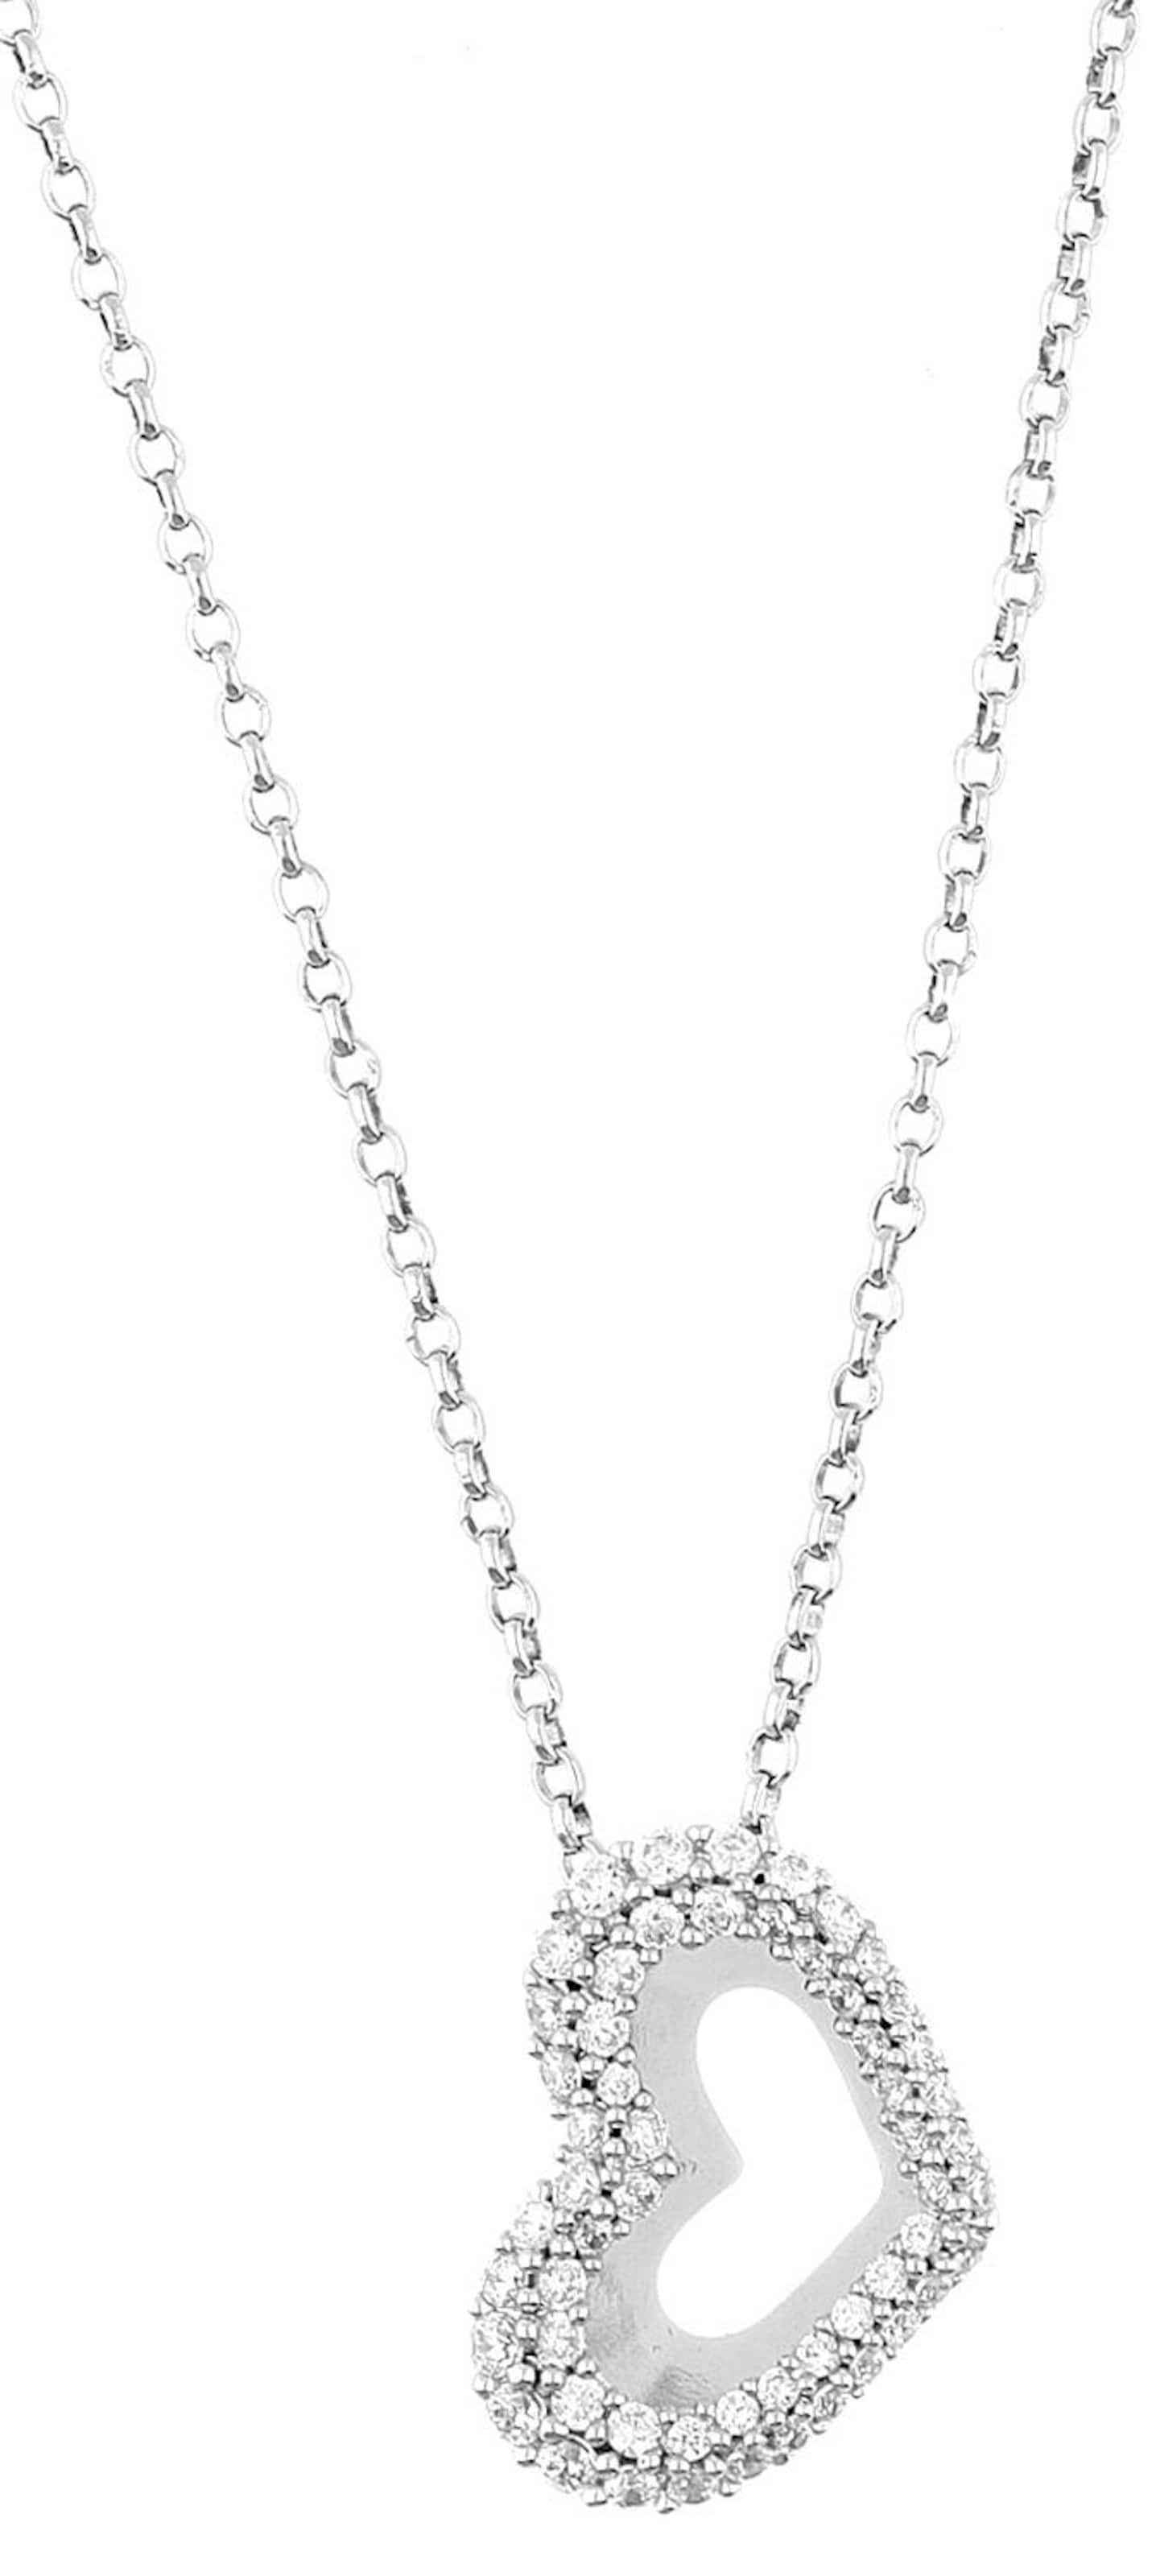 Verkauf Sneakernews Verkauf Wählen Eine Beste ESPRIT Halskette 'Glamorous Love' IIgJ9eEiDd